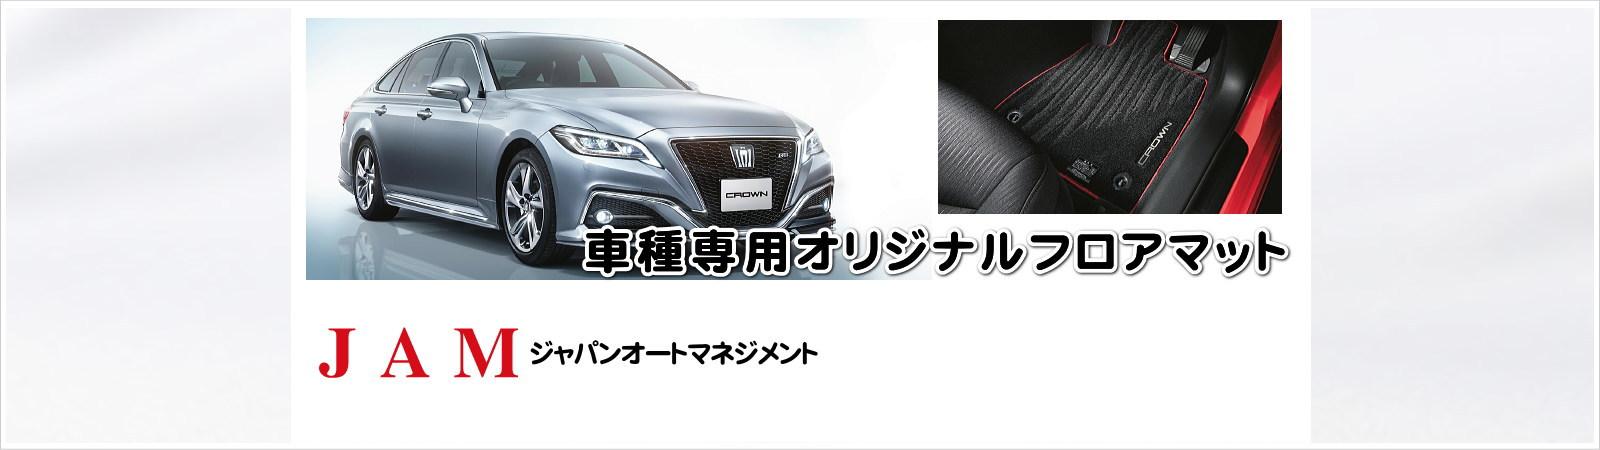 JAM ジャパンオートマネジメントでは『車種専用オリジナルフロアマット』の製造販売を行っております。